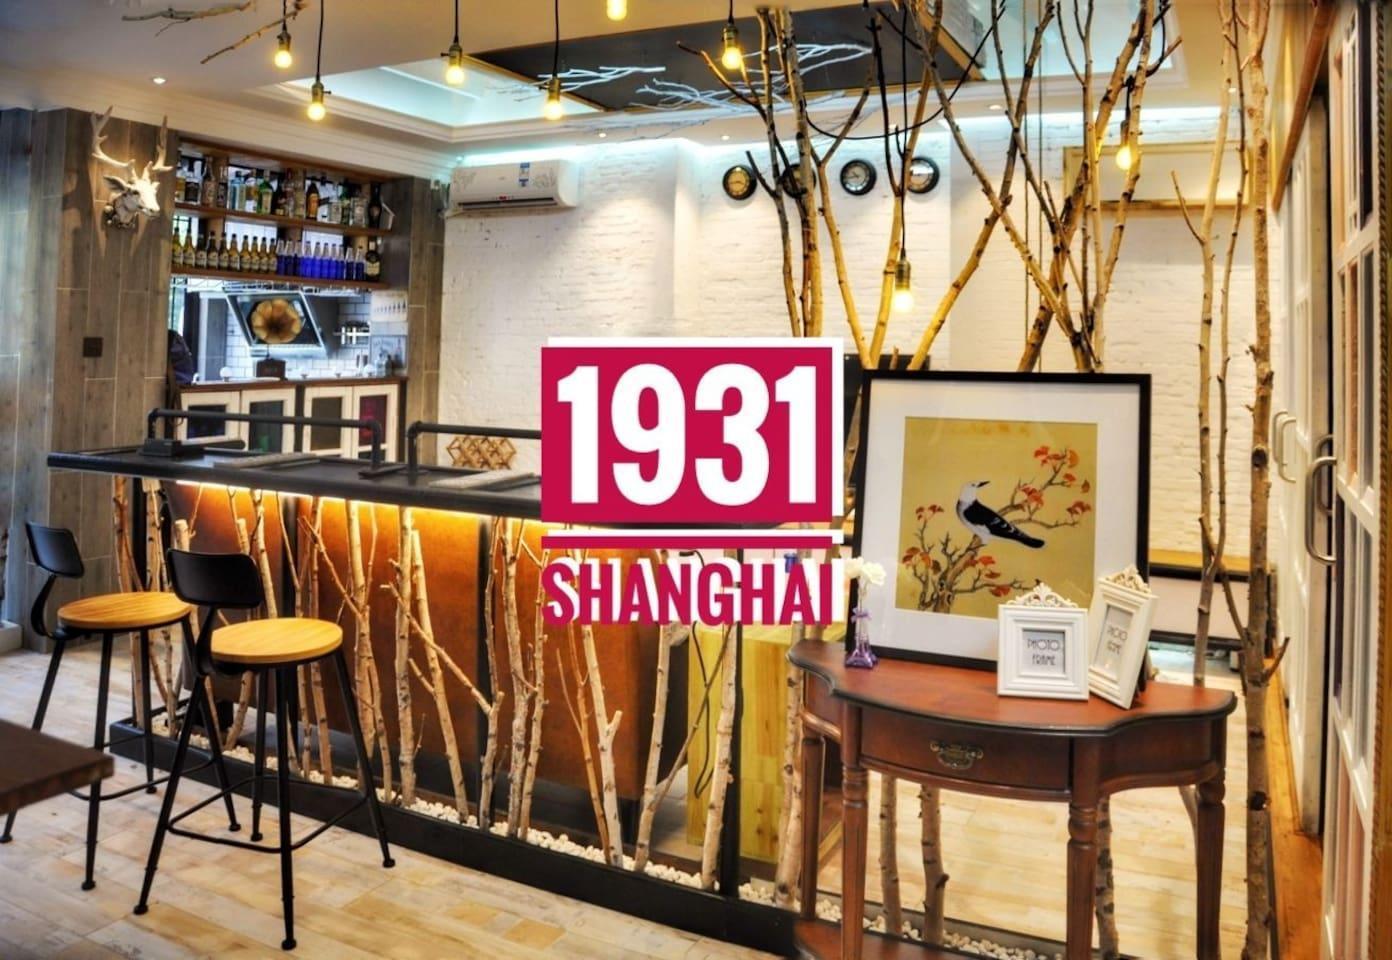 Shanghai1931 Modernstyle@FFC MetroShaanxiRD1 10 12